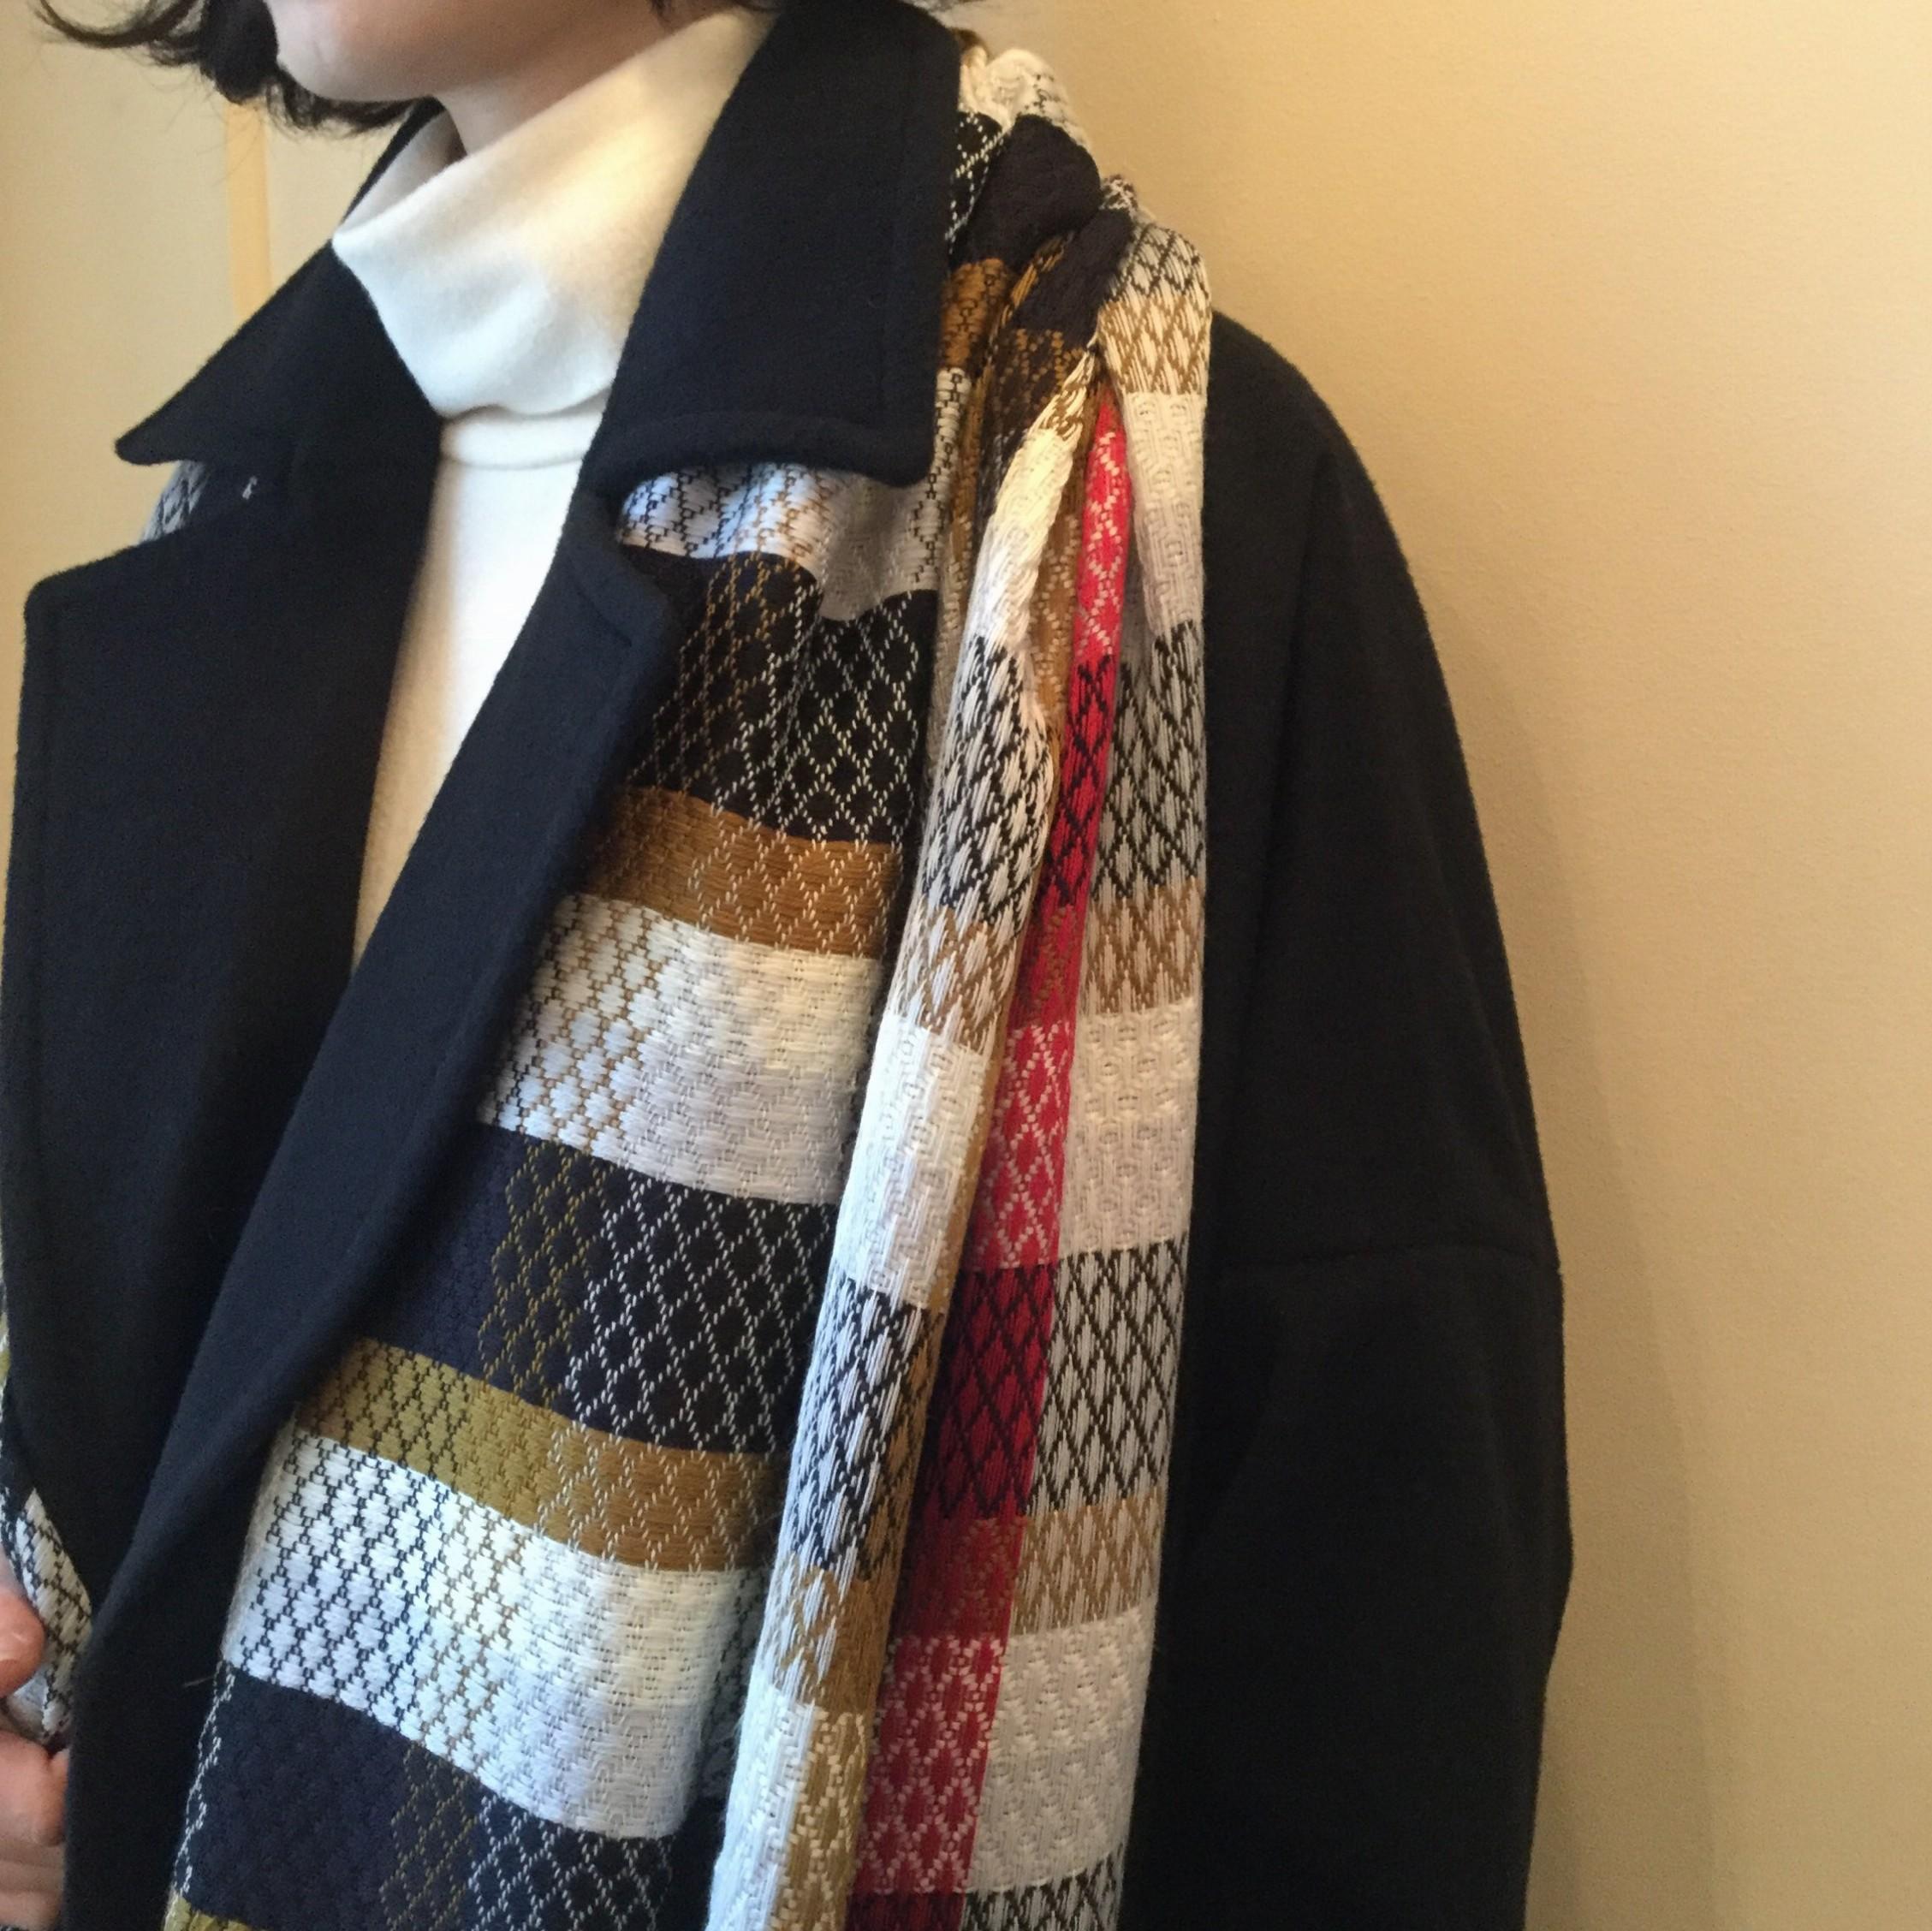 秋冬mii(ミー)の手紡ぎの糸を使用した手織りのウールのストールです